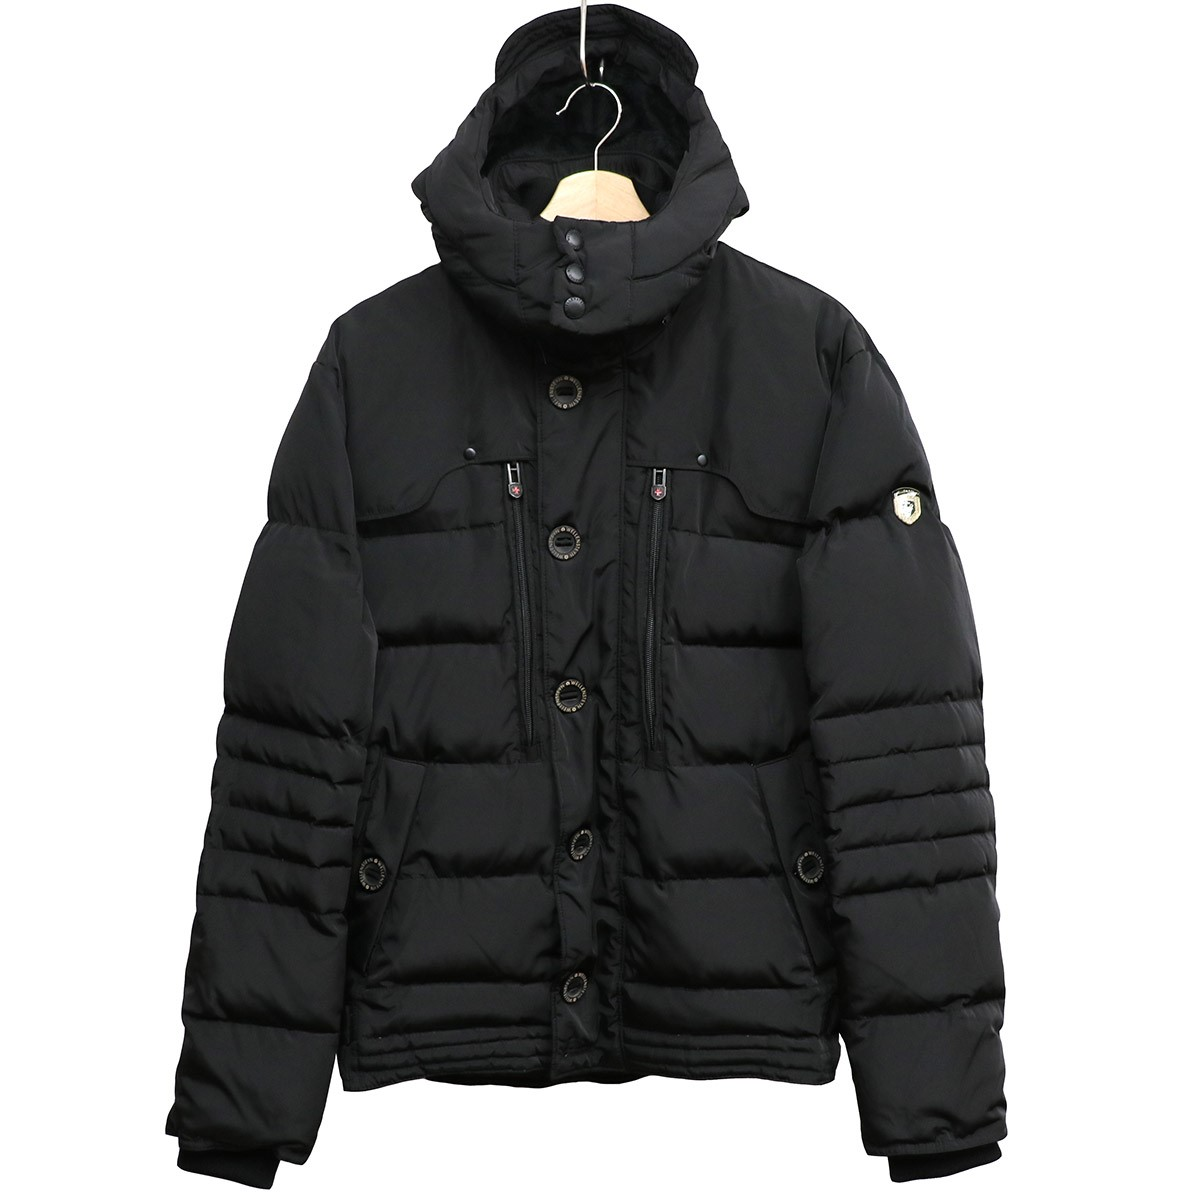 【中古】WELLENSTEYN MOTORO裏起毛防水ダウンジャケット ブラック サイズ:L 【180120】(ウェレンステイン)